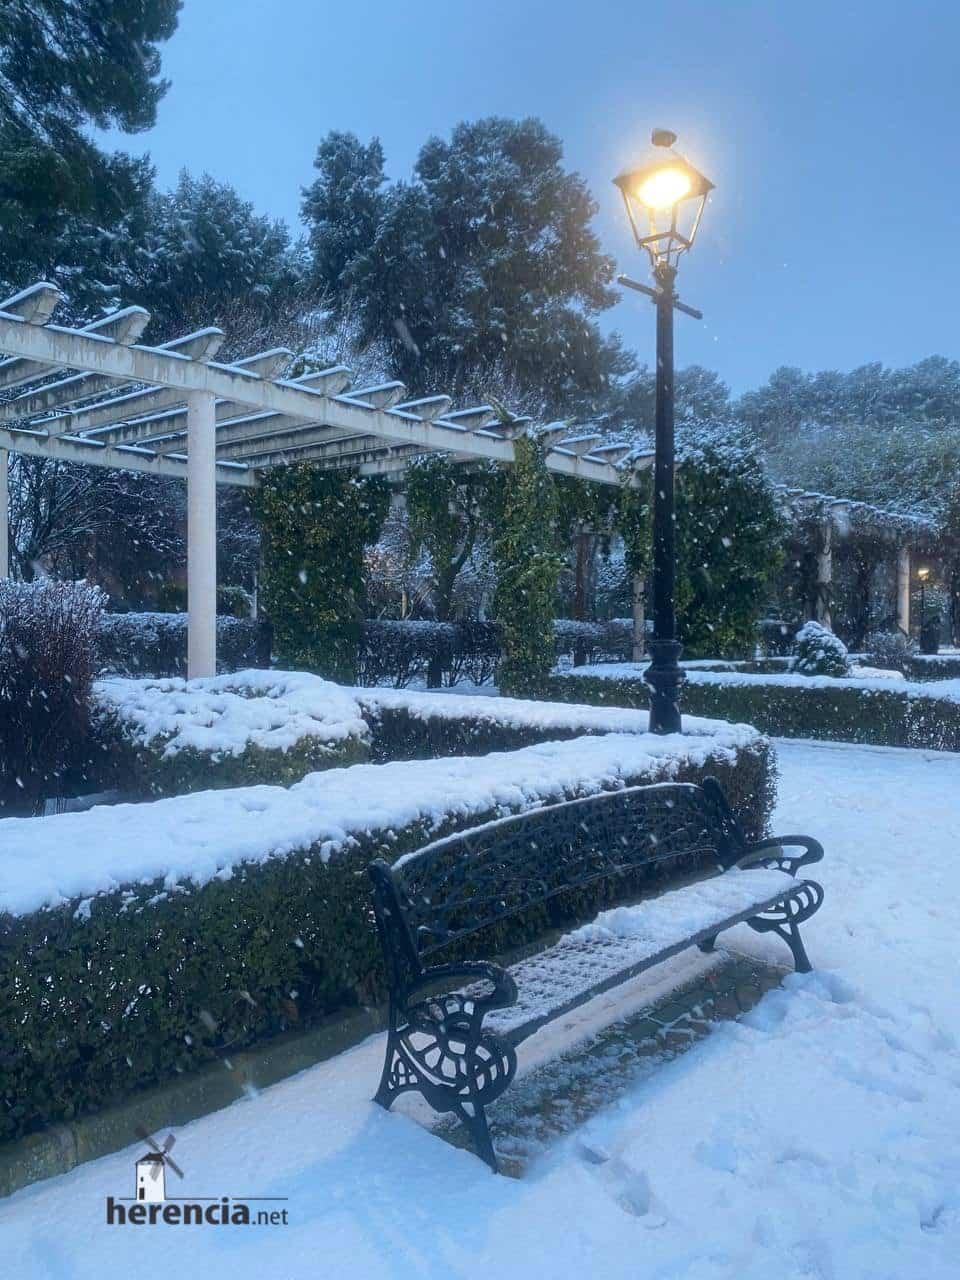 Más fotografías de las nieves de 2021 en Herencia 131